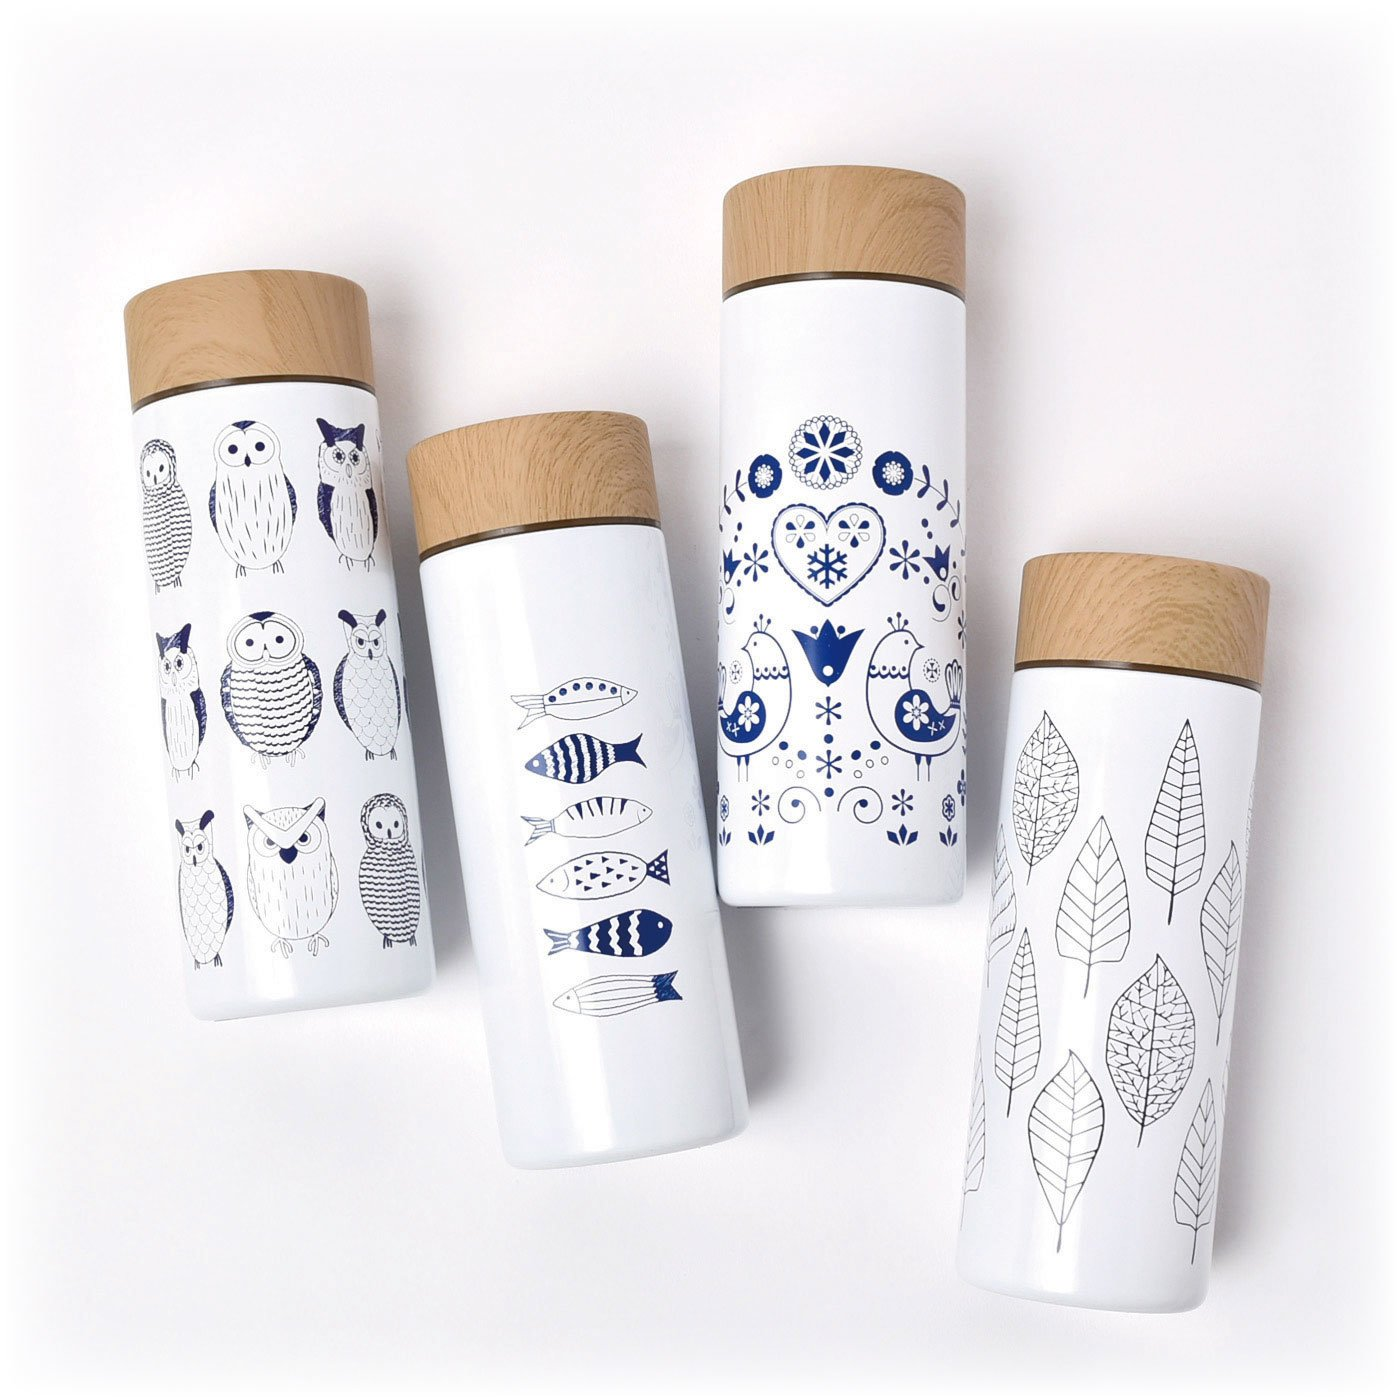 色移り・におい移りしにくい内側セラミック加工 ノジェン コーヒー専用ボトル300ml